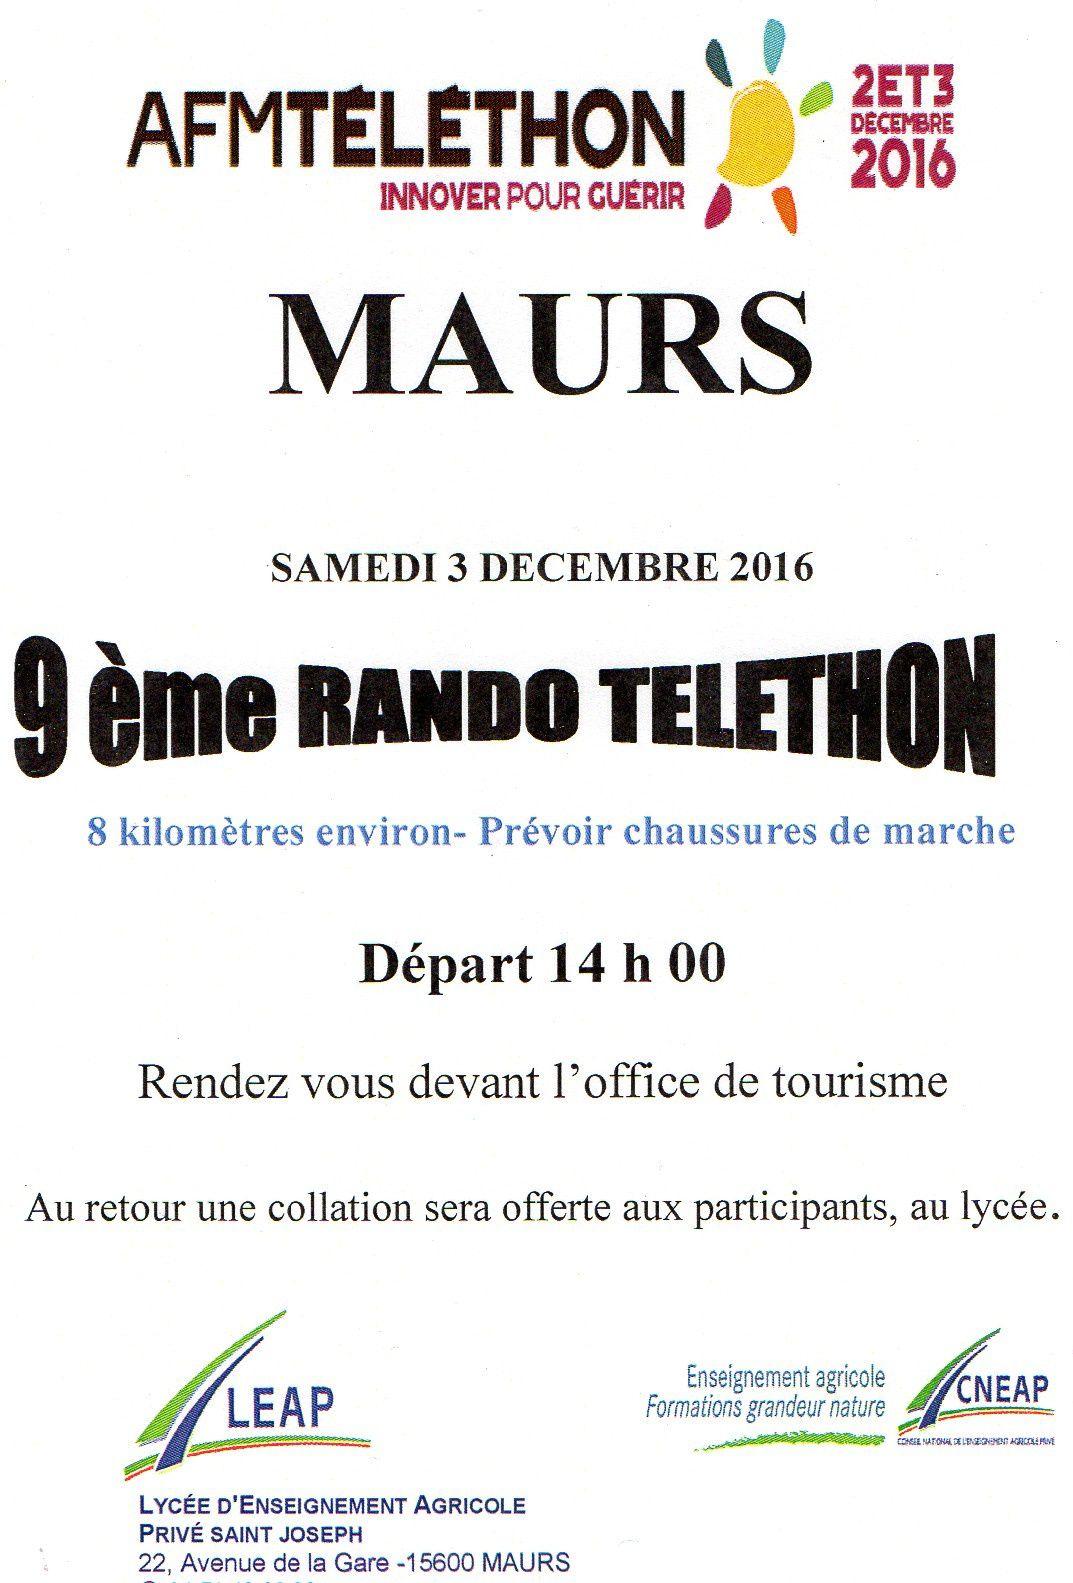 Rando Téléthon à Maurs